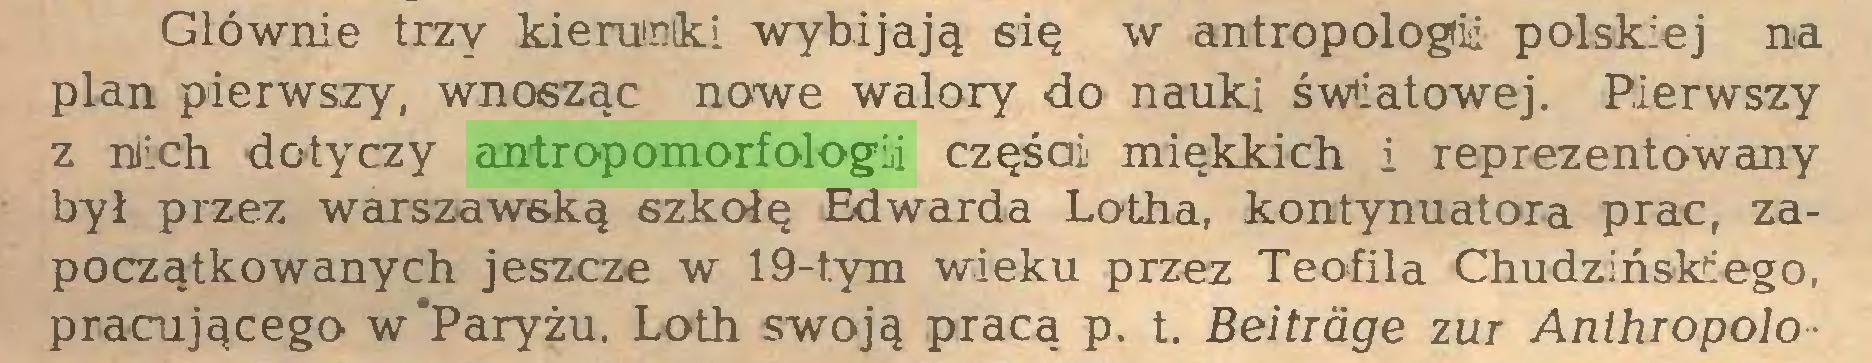 (...) Głównie trzy kierunki wybijają się w antropologii polskiej na plan pierwszy, wnosząc nowe walory do nauki światowej. Pierwszy z mich dotyczy antropomorfologii częśai miękkich i reprezentowany był przez warszawską szkołę Edwarda Lotha, kontynuatora prac, zapoczątkowanych jeszcze w 19-t.ym wieku przez Teofila Chudzińskiego, pracującego w'Paryżu. Loth swoją pracą p. t. Beitrage zur Anthiopolo...